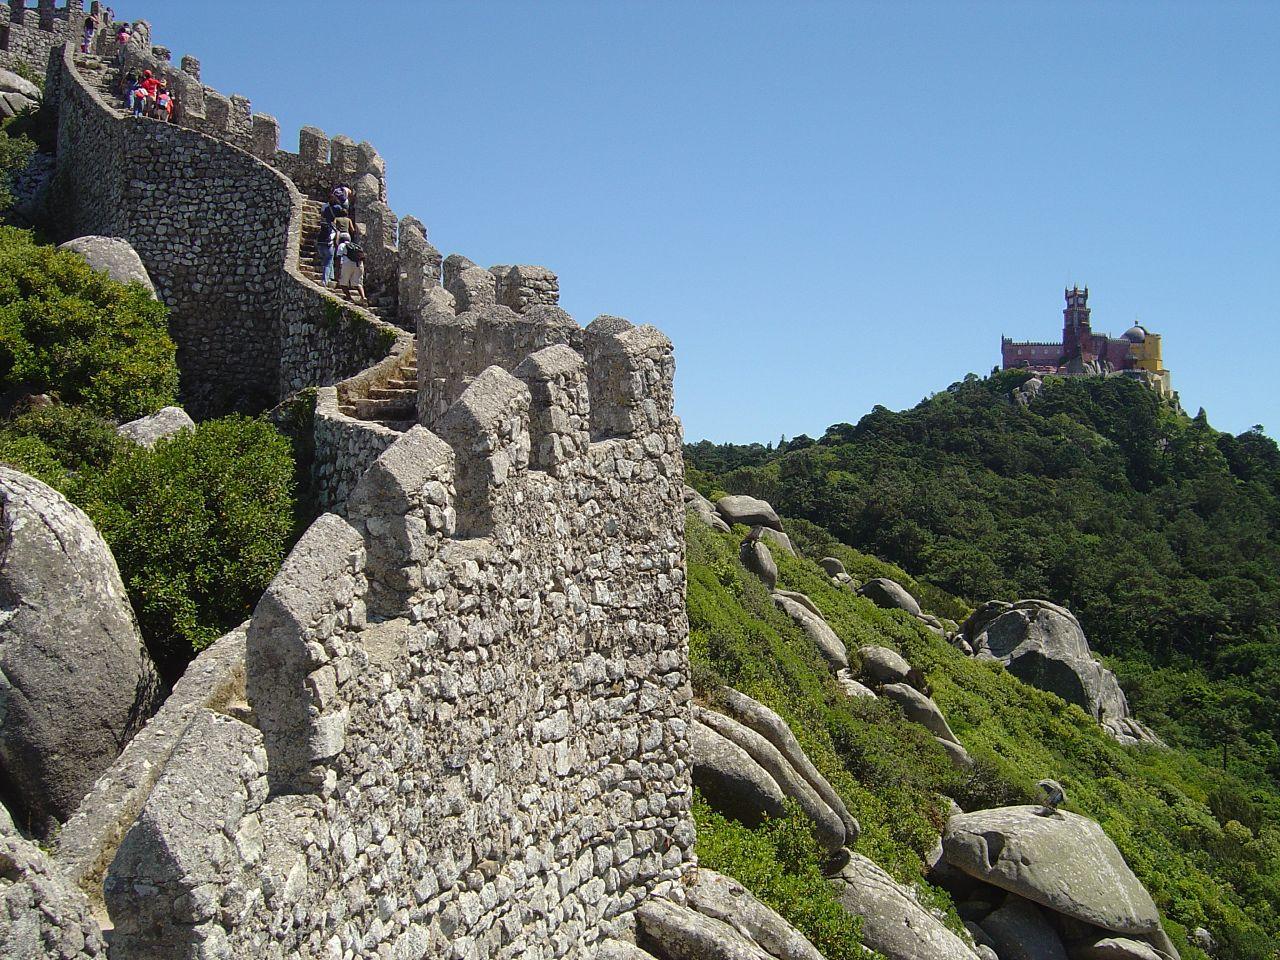 Castelo_dos_Mouros_-_Sintra__Portugal_3